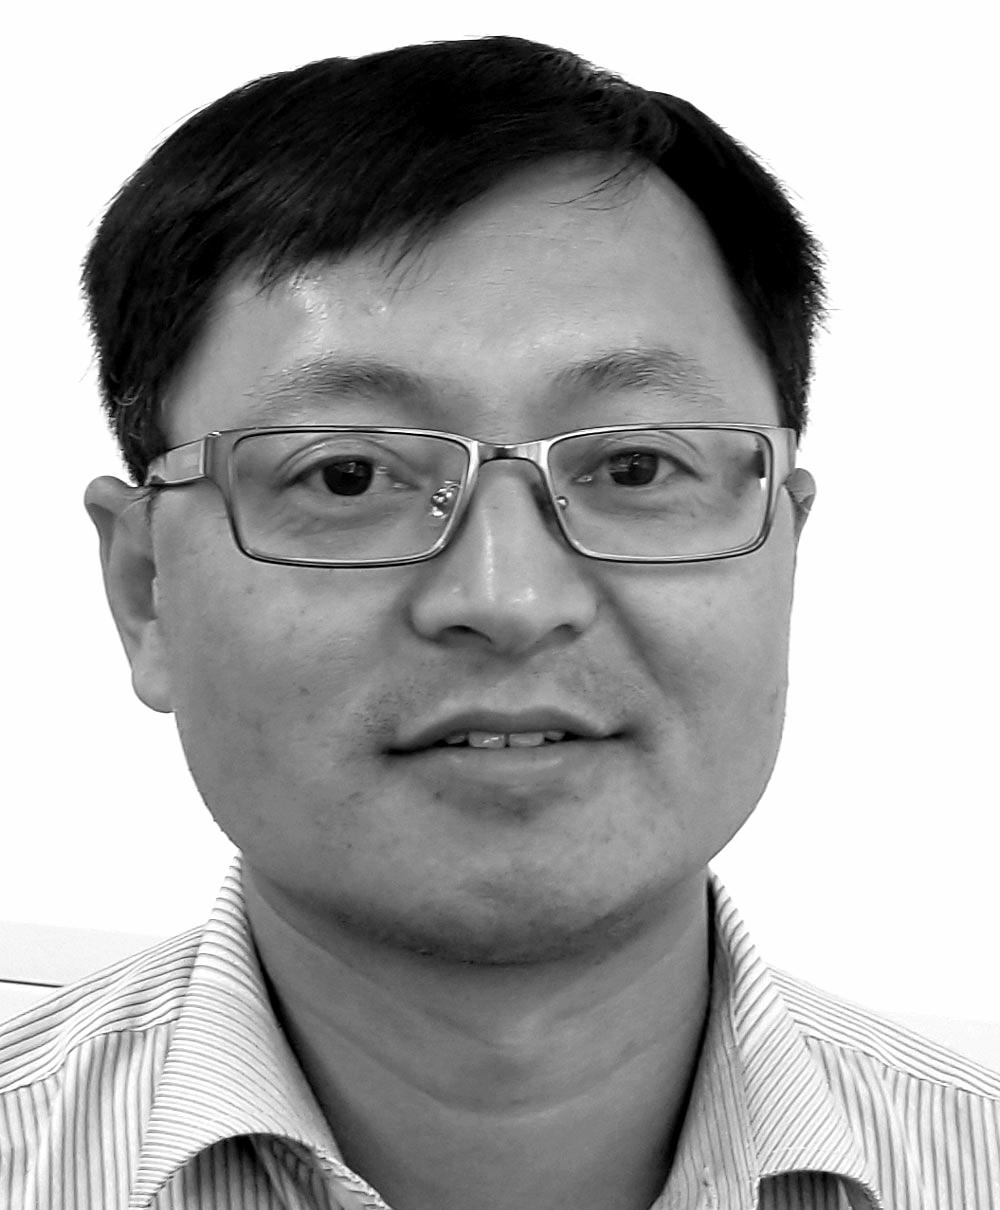 Headshot of Joseph Fu